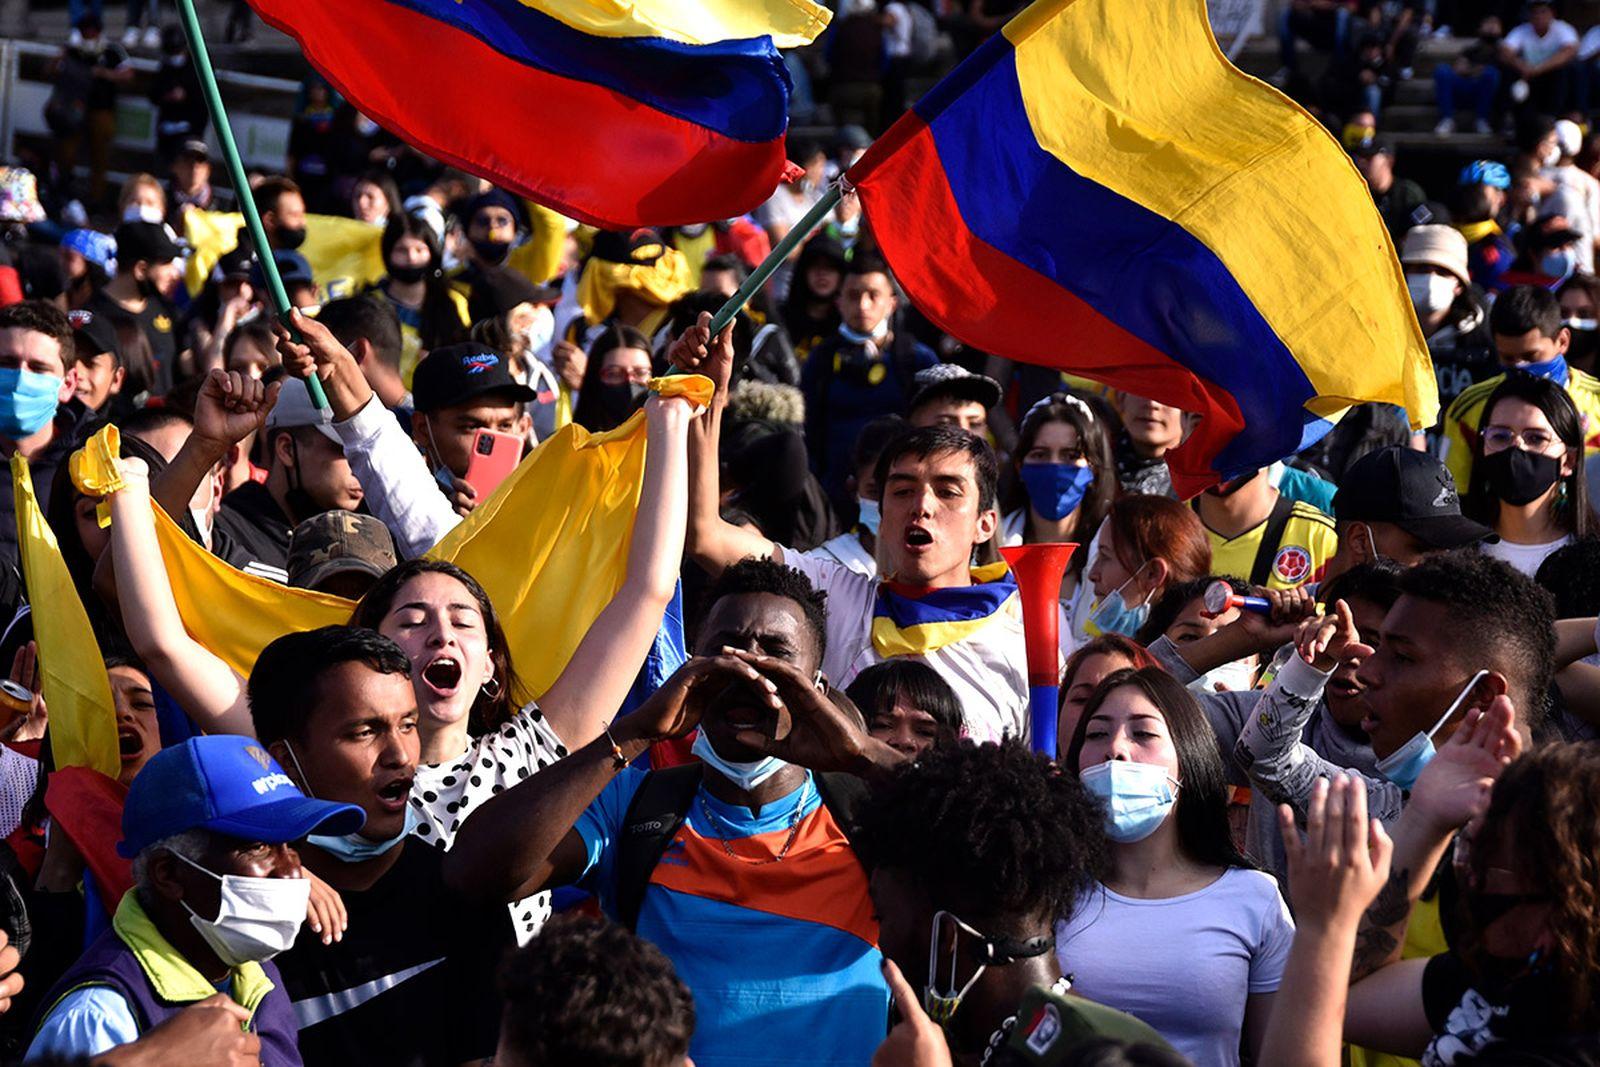 Huelga-juvenil-colombiana-05